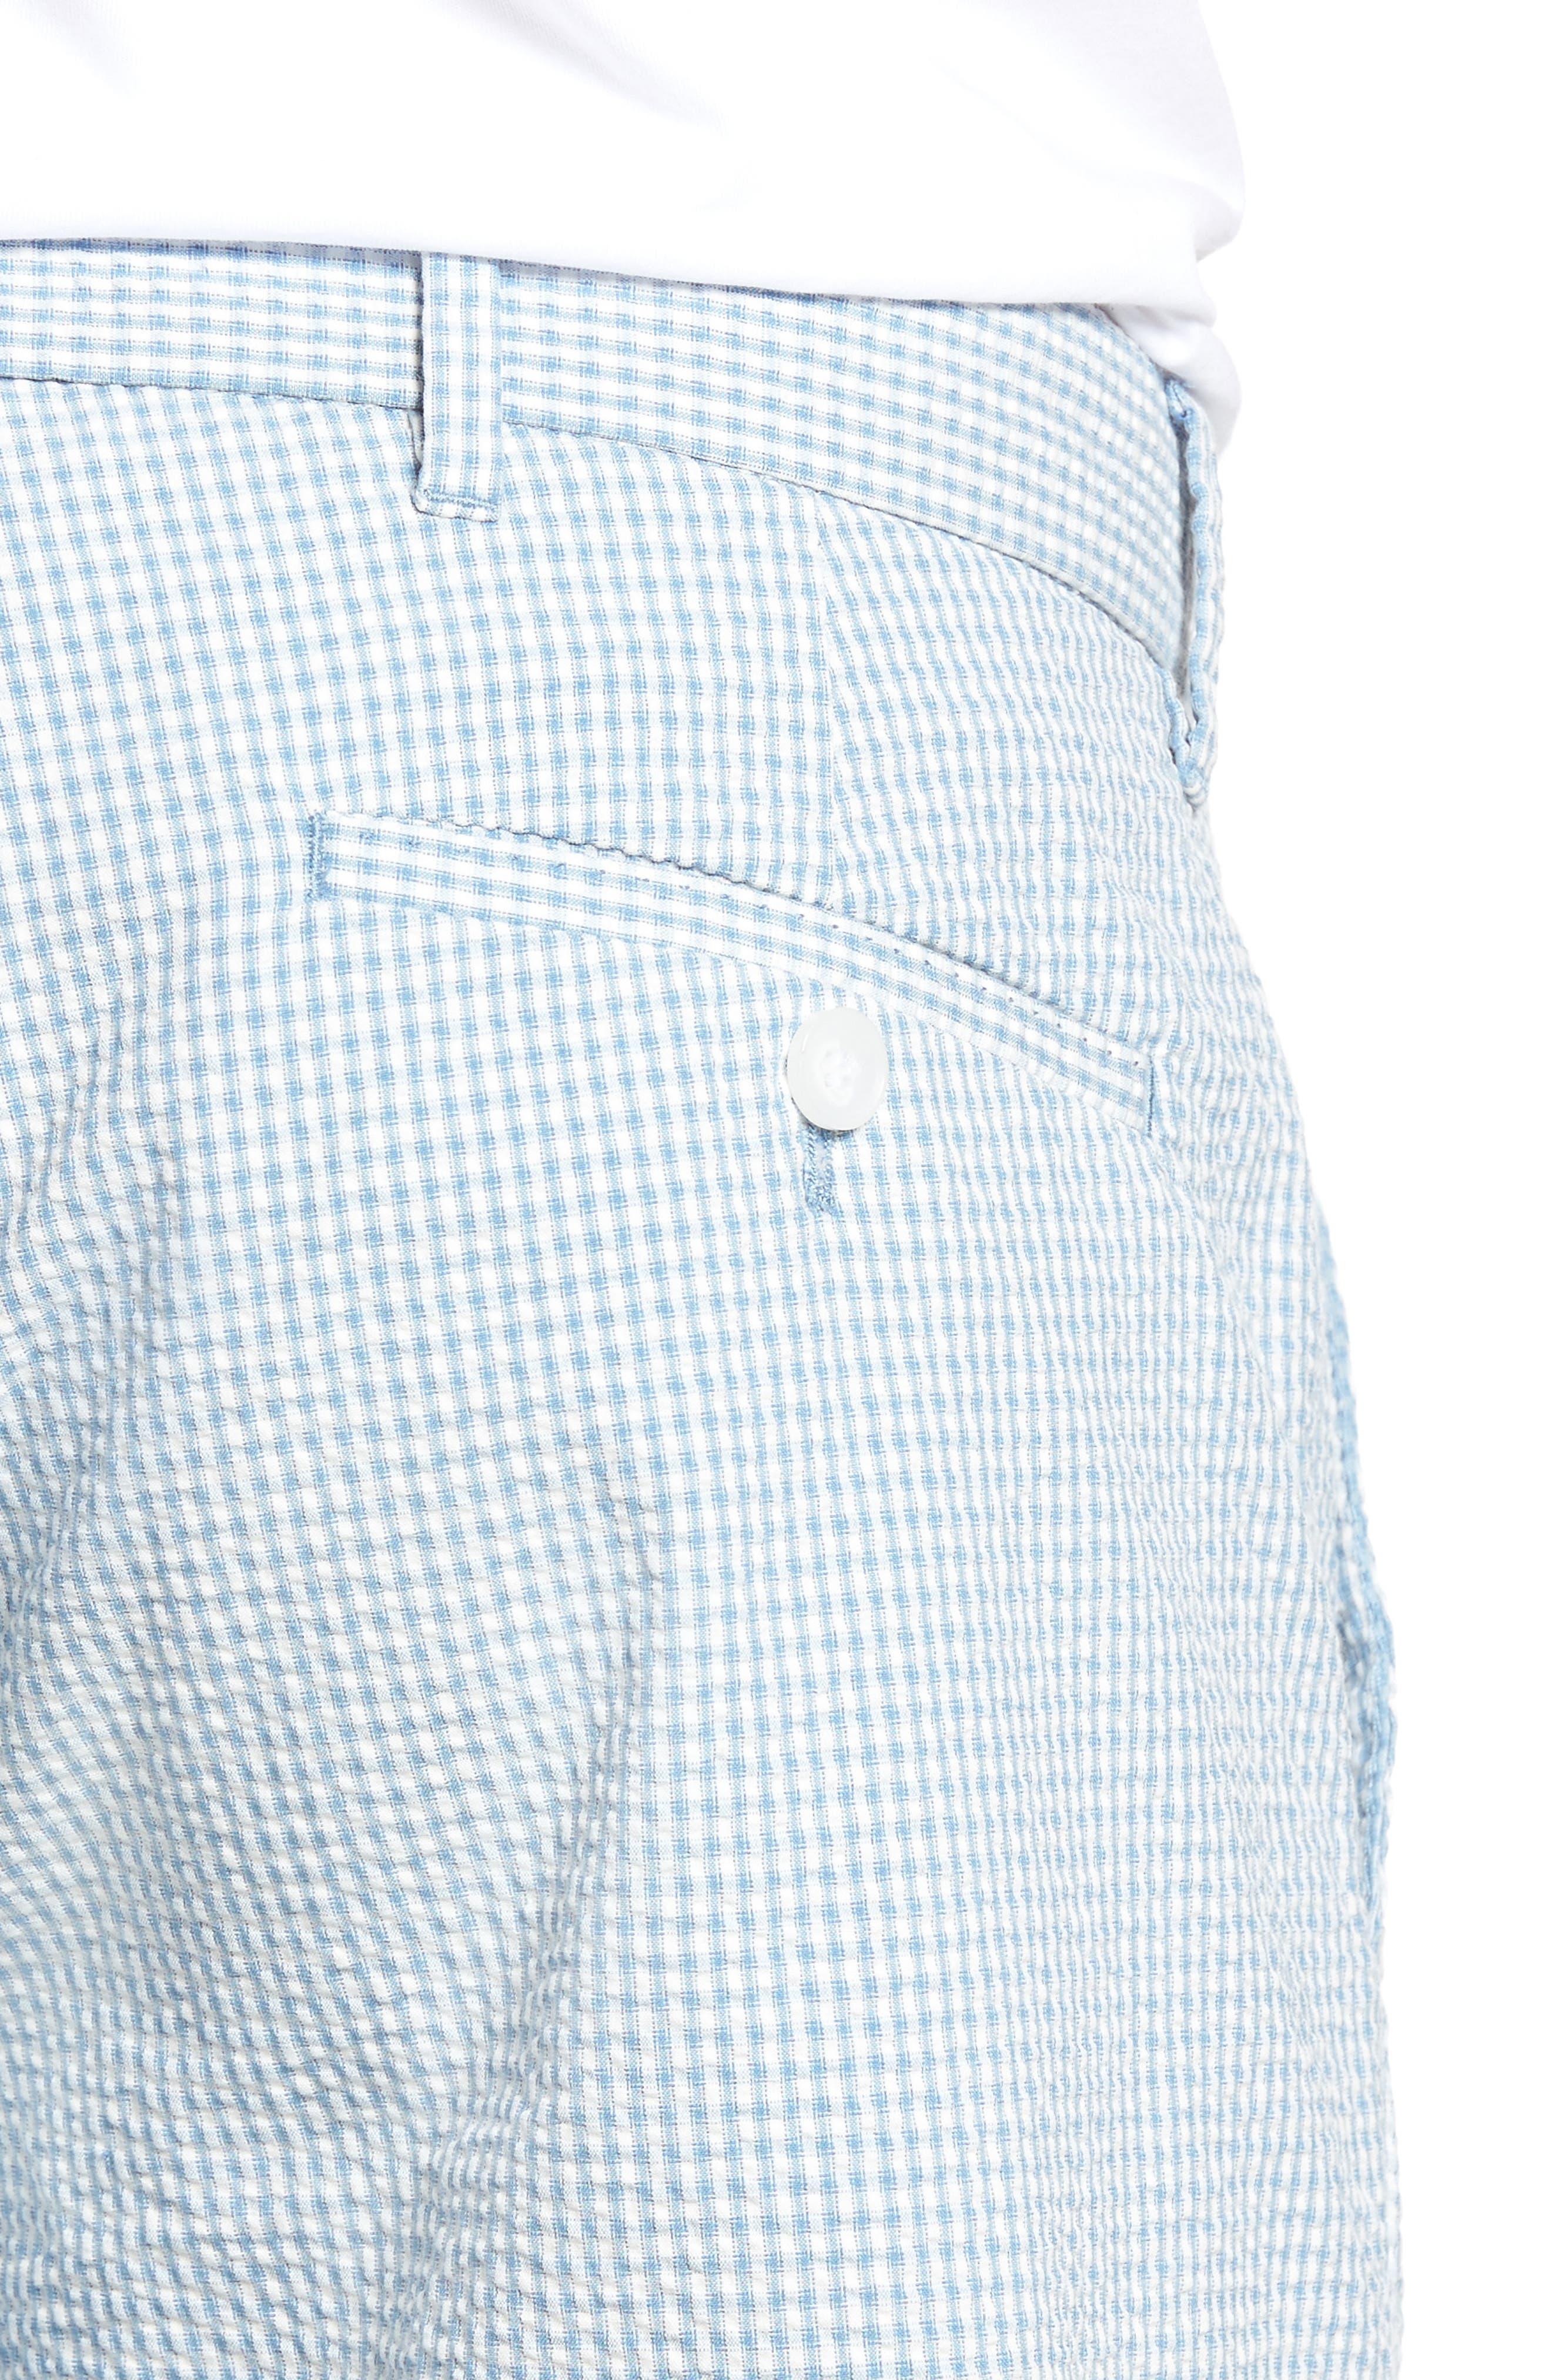 Fringe Check Seersucker Shorts,                             Alternate thumbnail 4, color,                             400